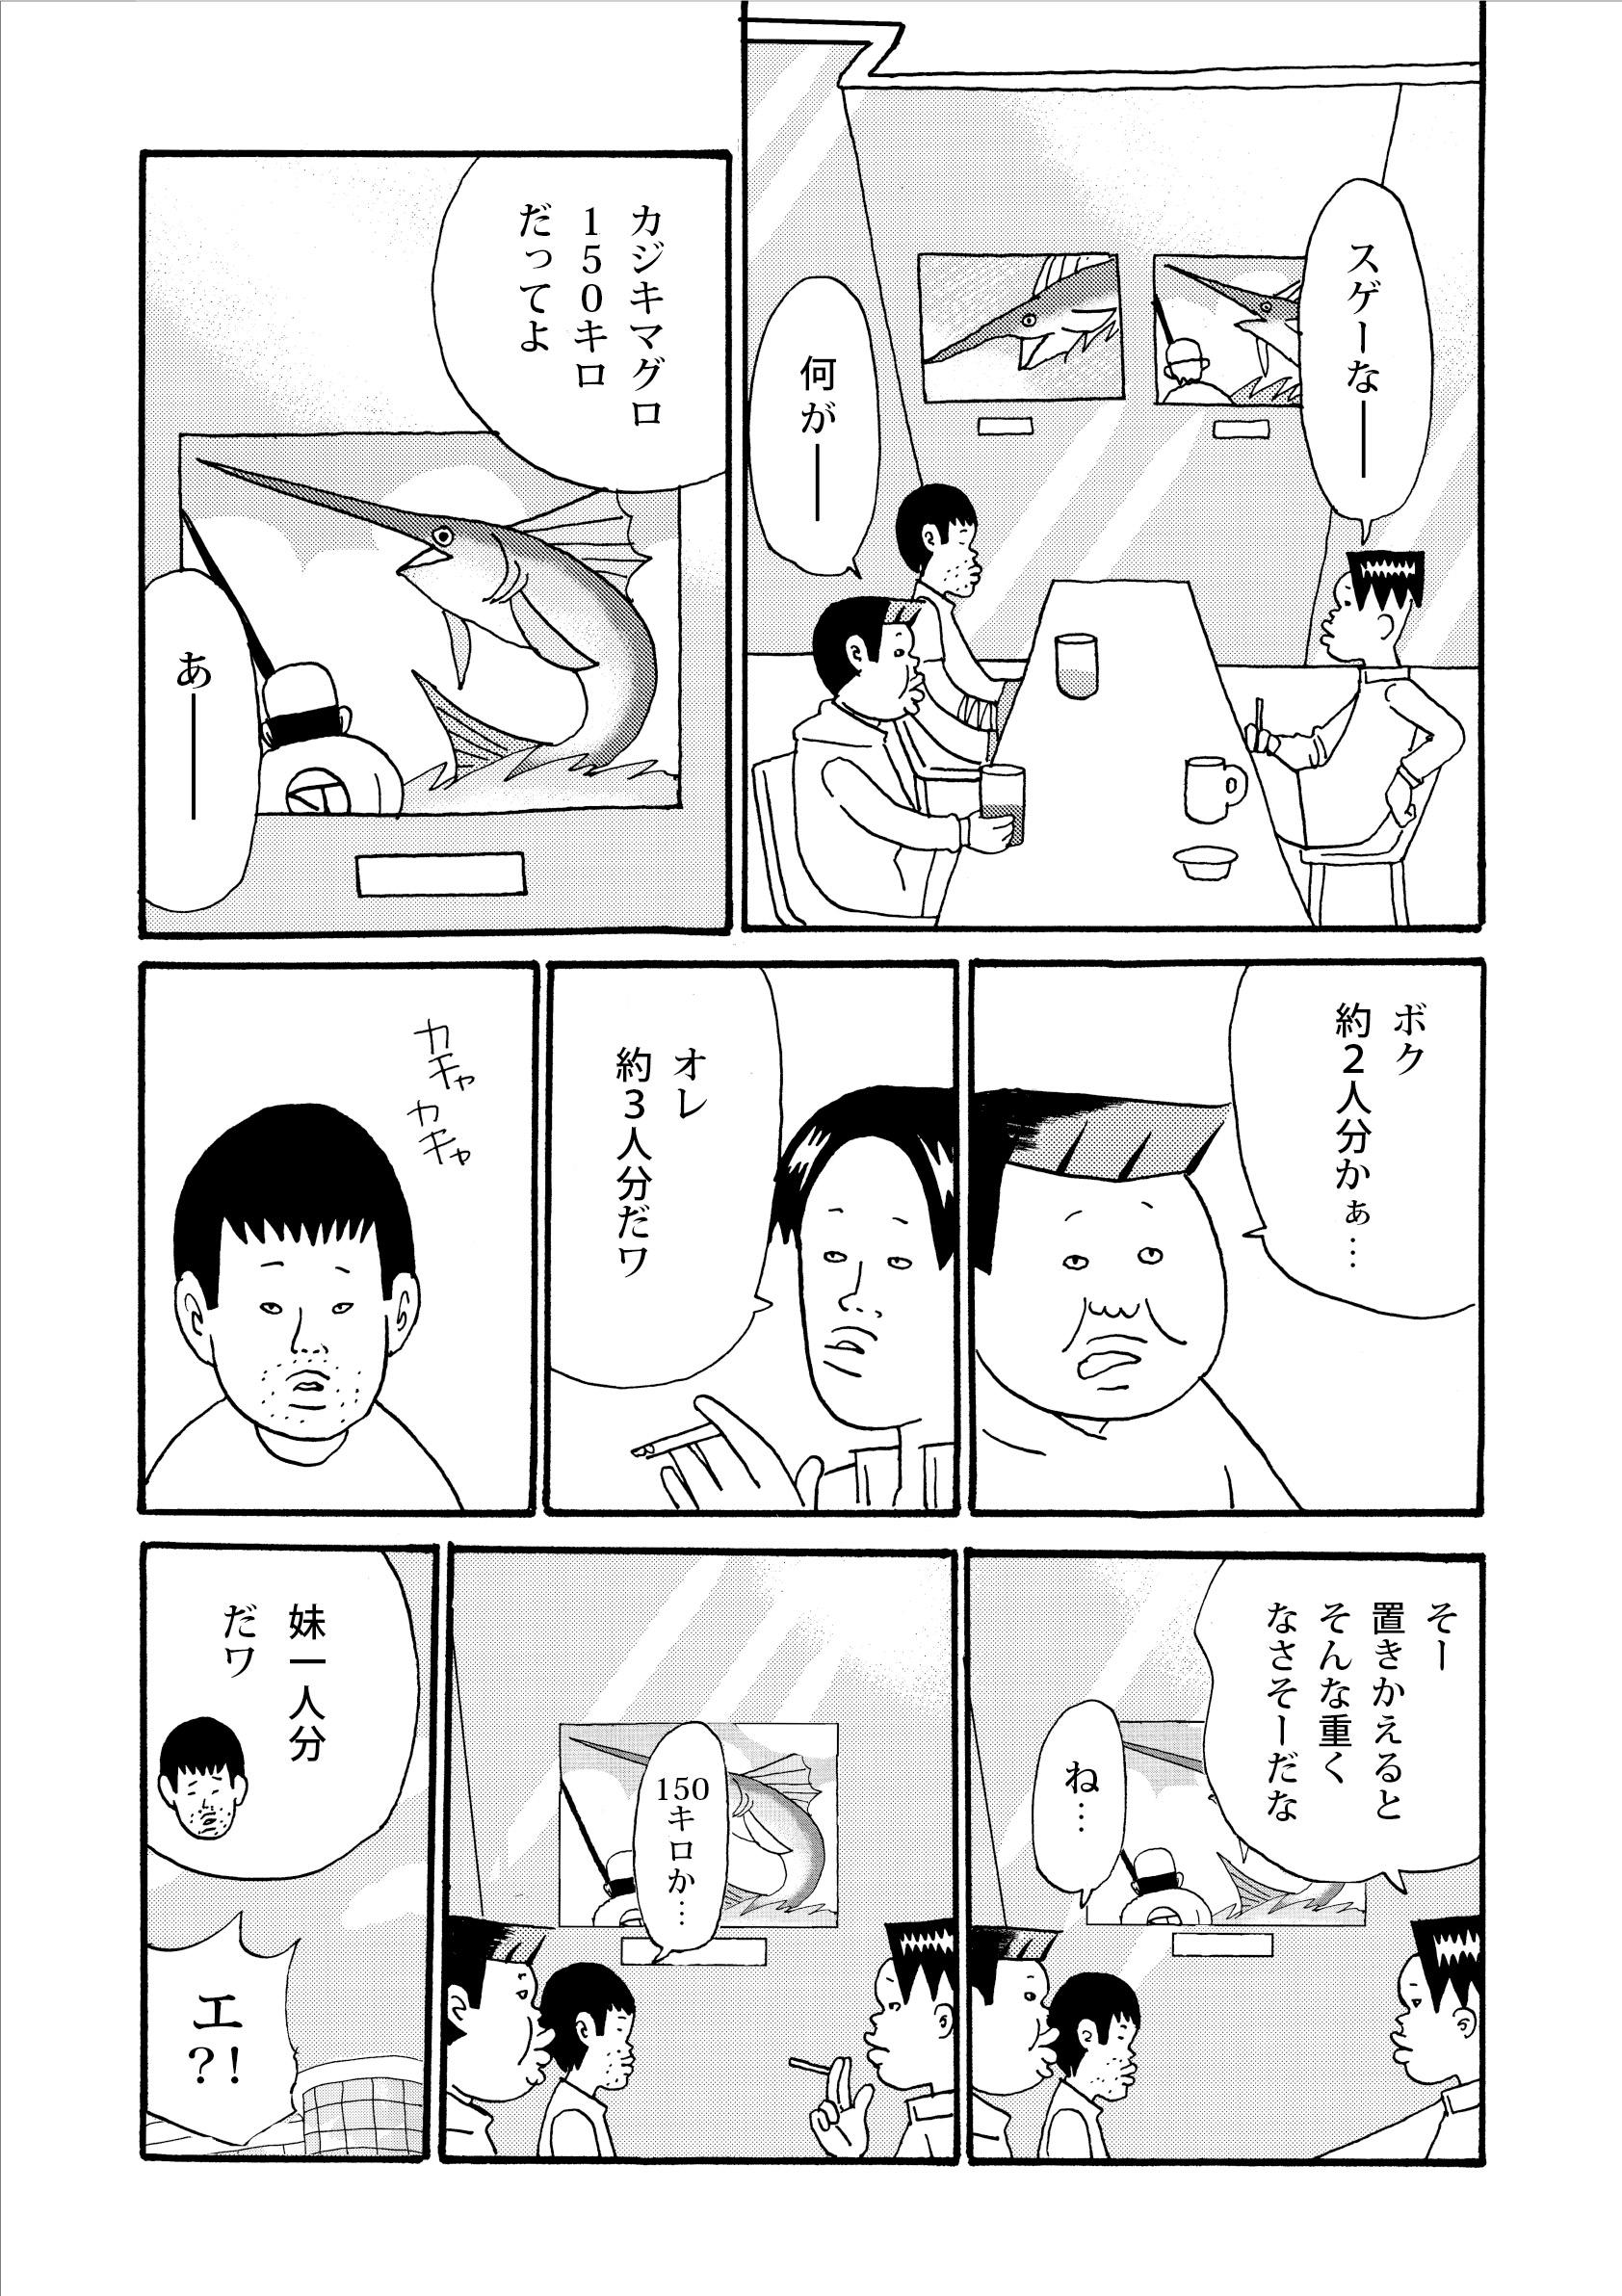 makochin_comic_kajikimaguro